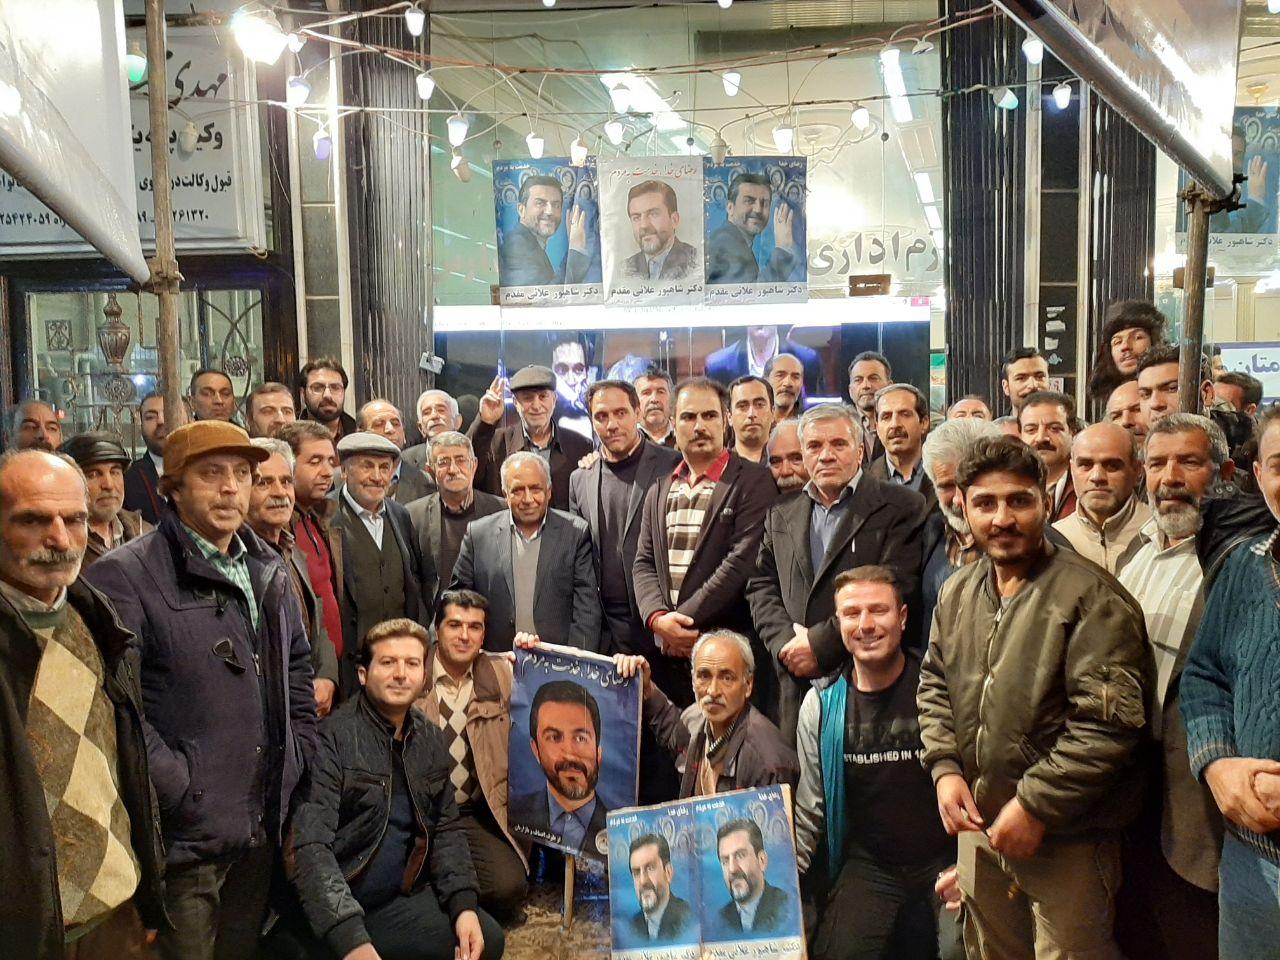 شور انتخاباتی در حوزه انتخابیه ابهر و خرمدره و سلطانیه+ تصاویر